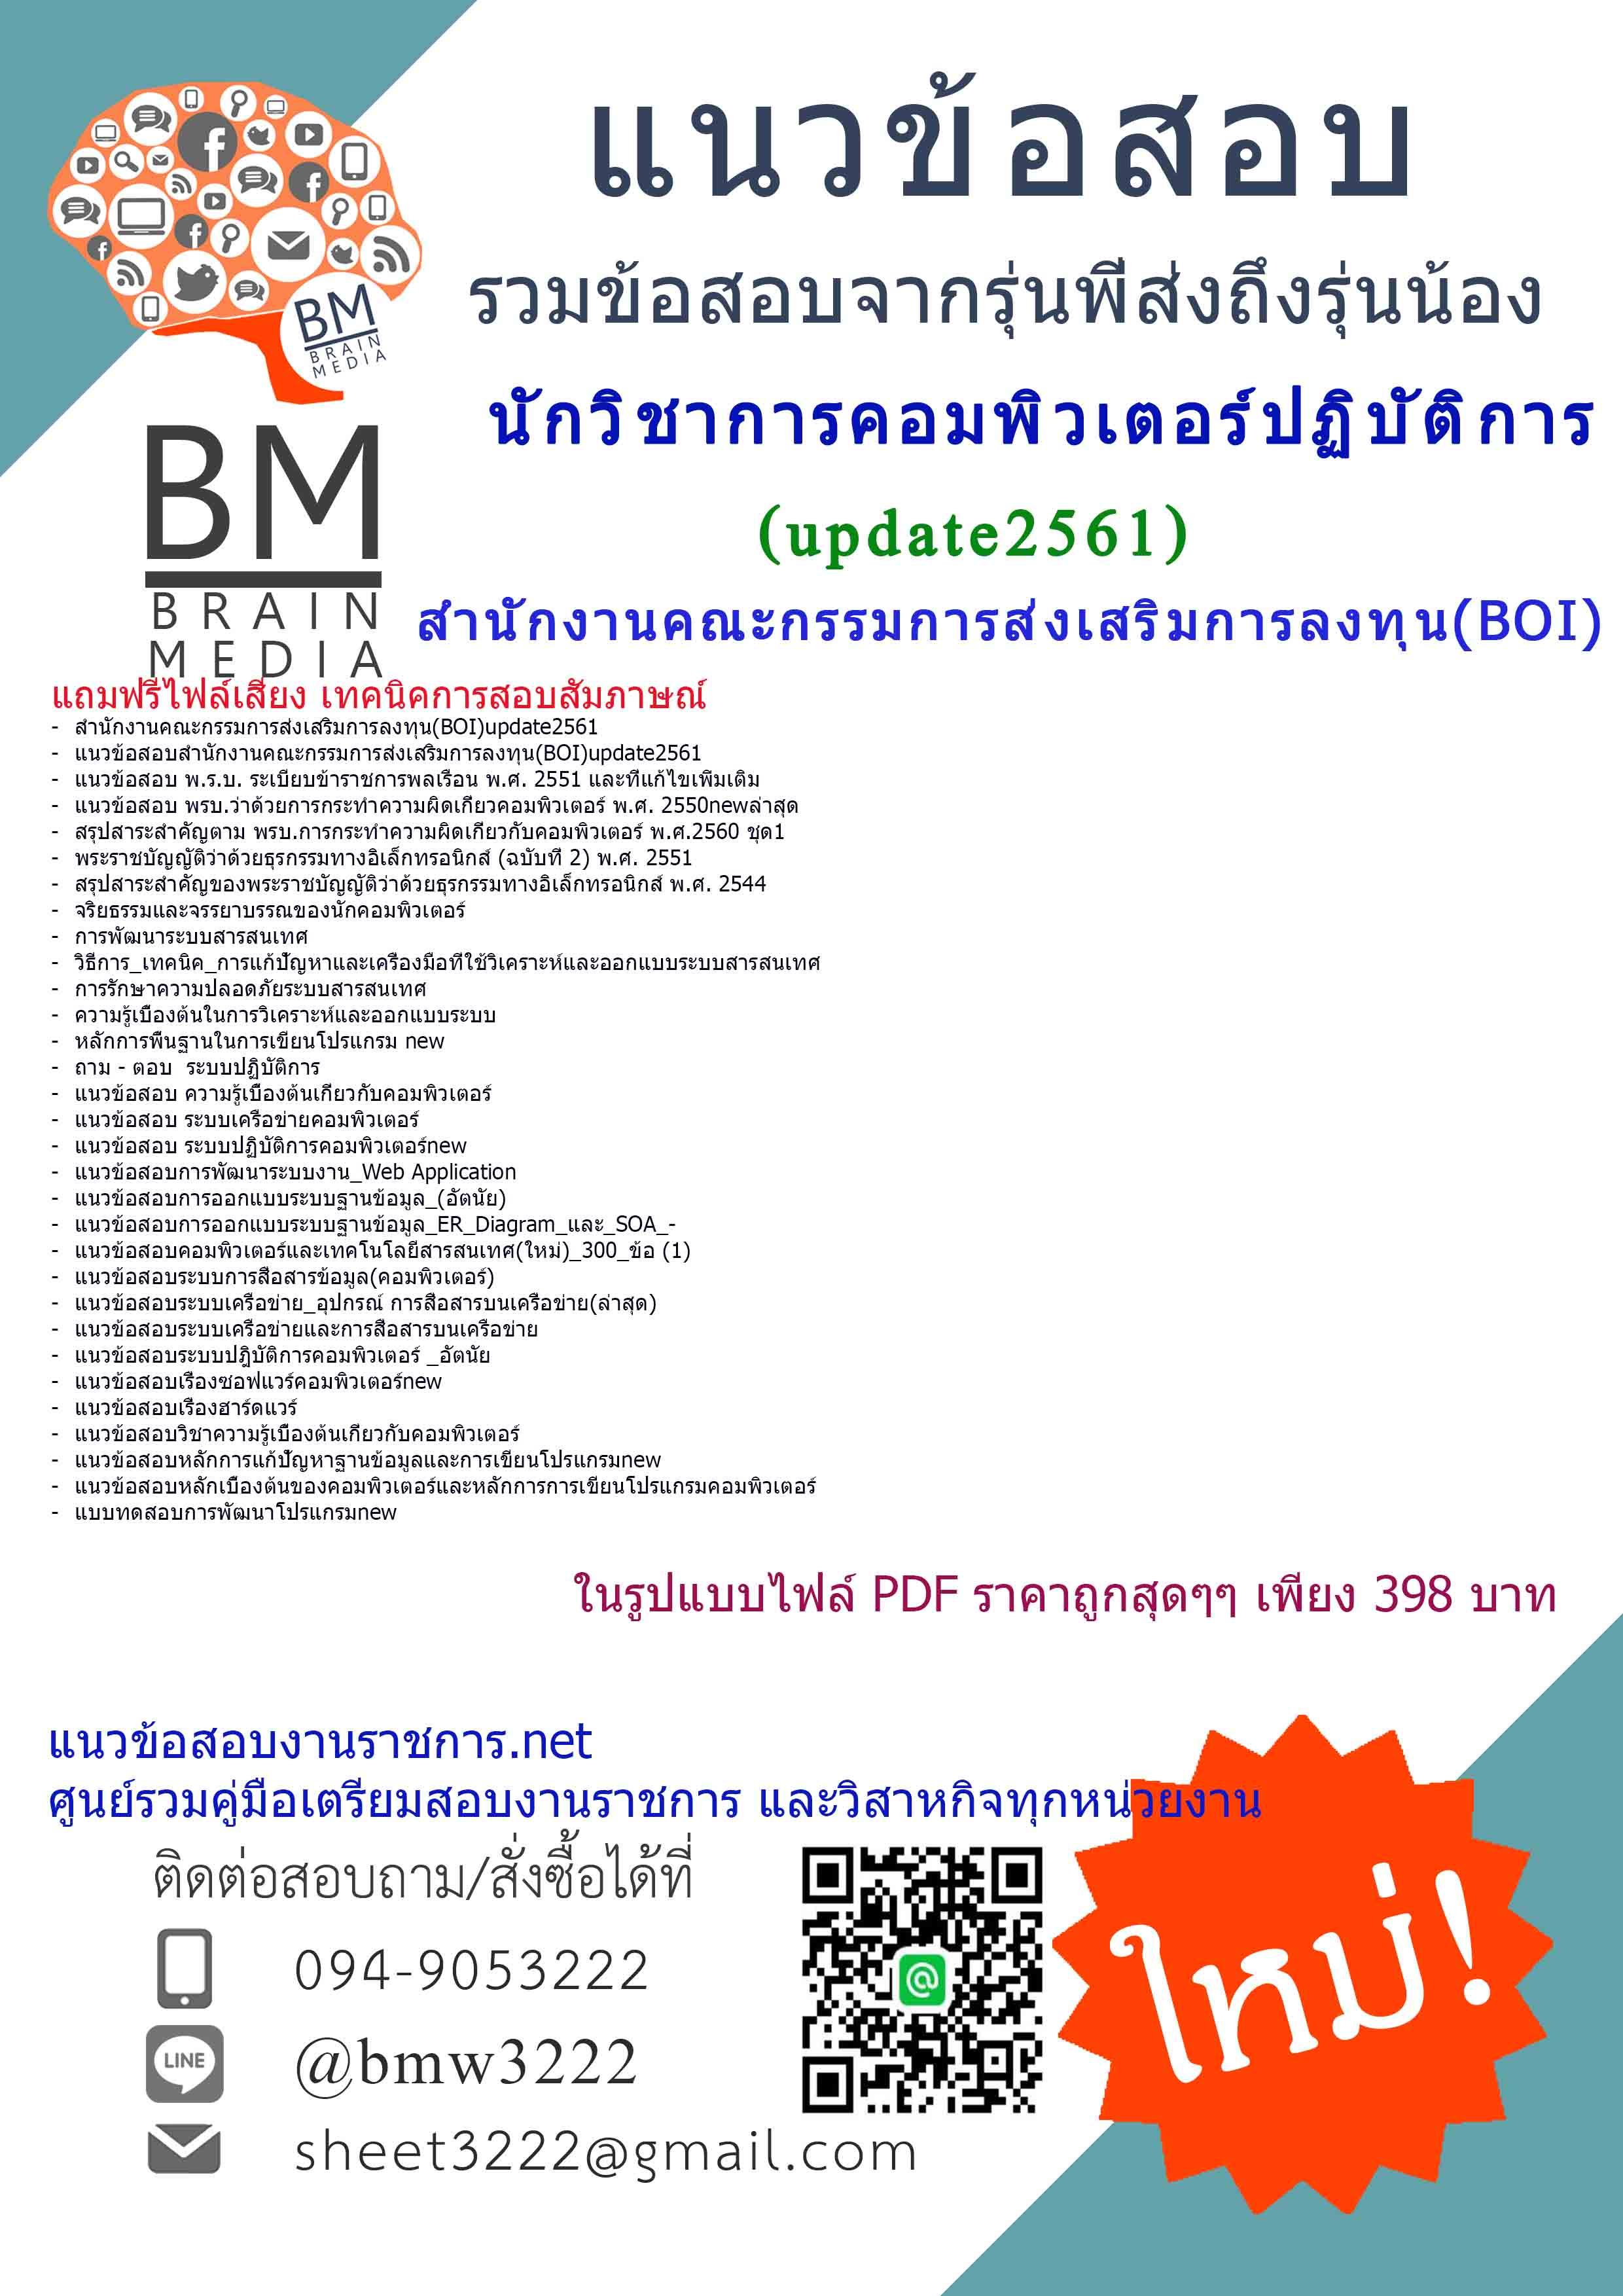 แชร์!!!แนวข้อสอบนักวิชาการคอมพิวเตอร์ปฏิบัติการสำนักงานคณะกรรมการส่งเสริมการลงทุน(BOI)2561